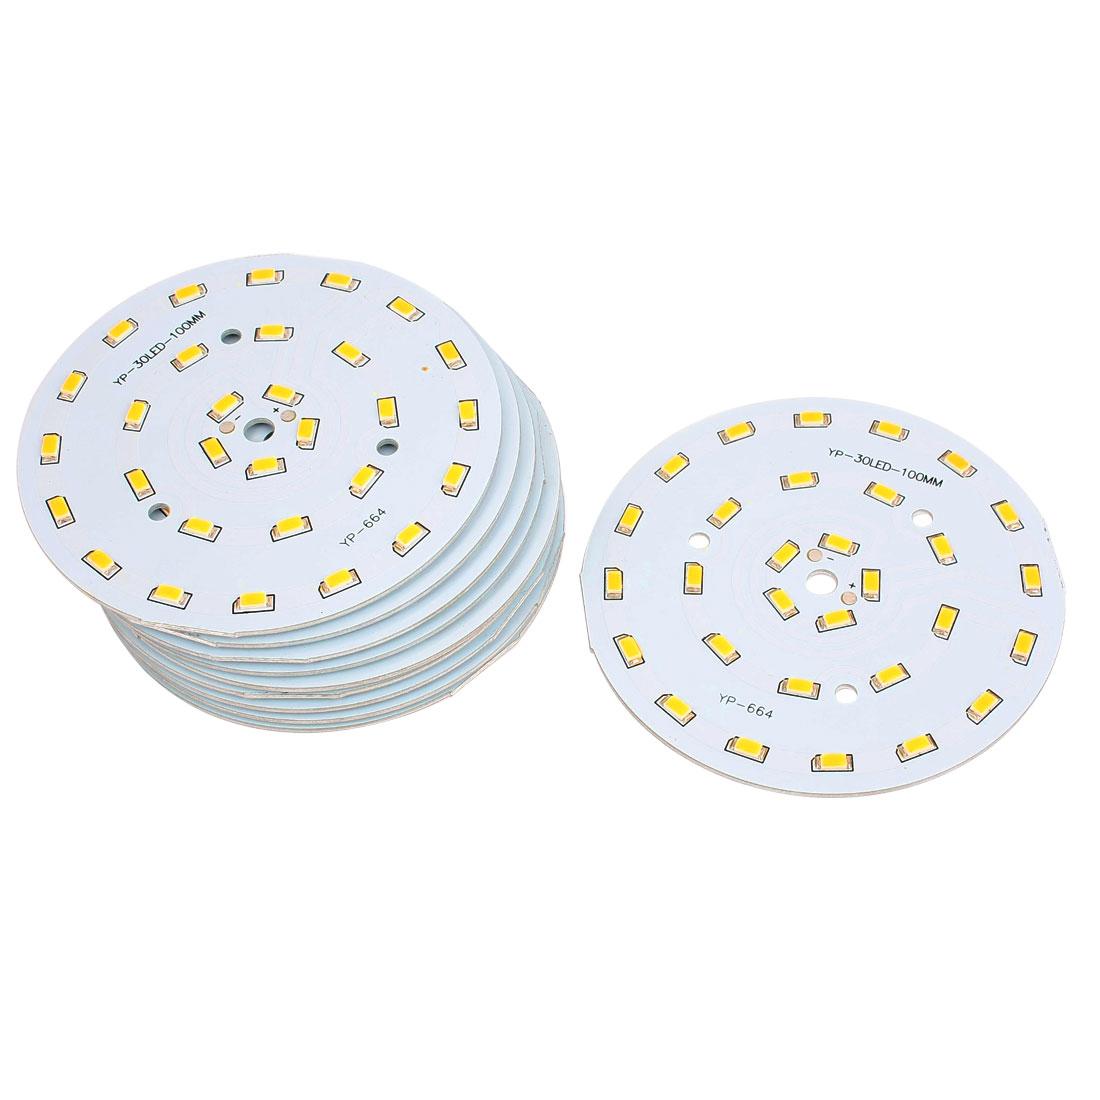 10 Pcs 15W Warm White SMD 5630 30-LED Spotlight Aluminum Base Plate 100mm Dia